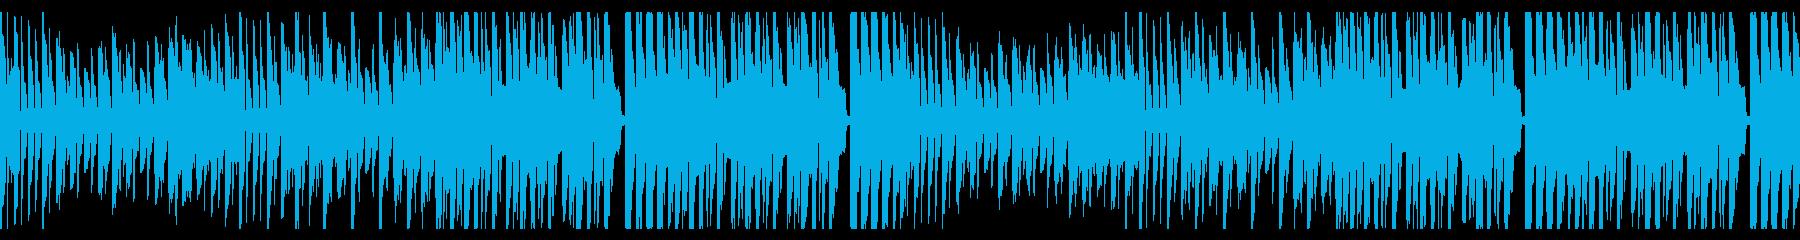 サイバーな世界感の戦闘BGM ループの再生済みの波形